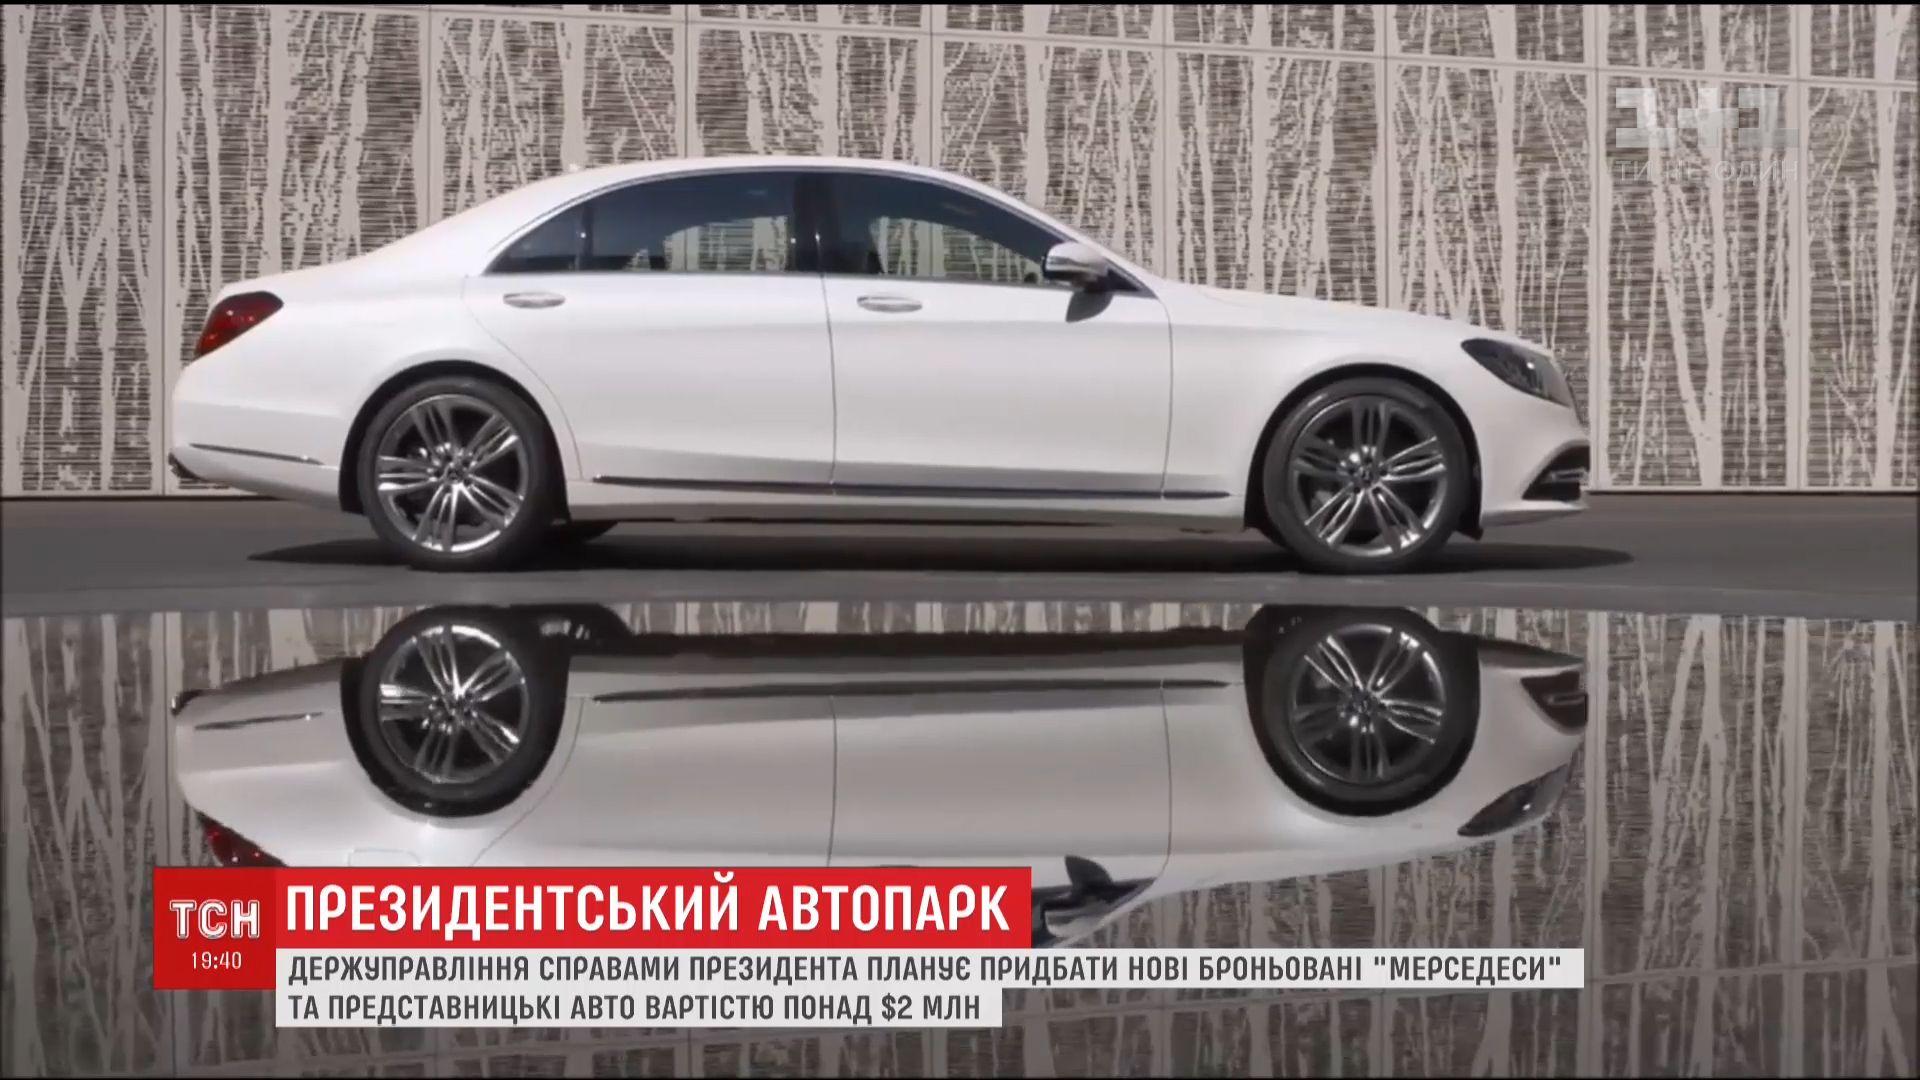 В президентской автобазе отметили, что машины покупают не для Порошенко / Кадр из видео ТСН